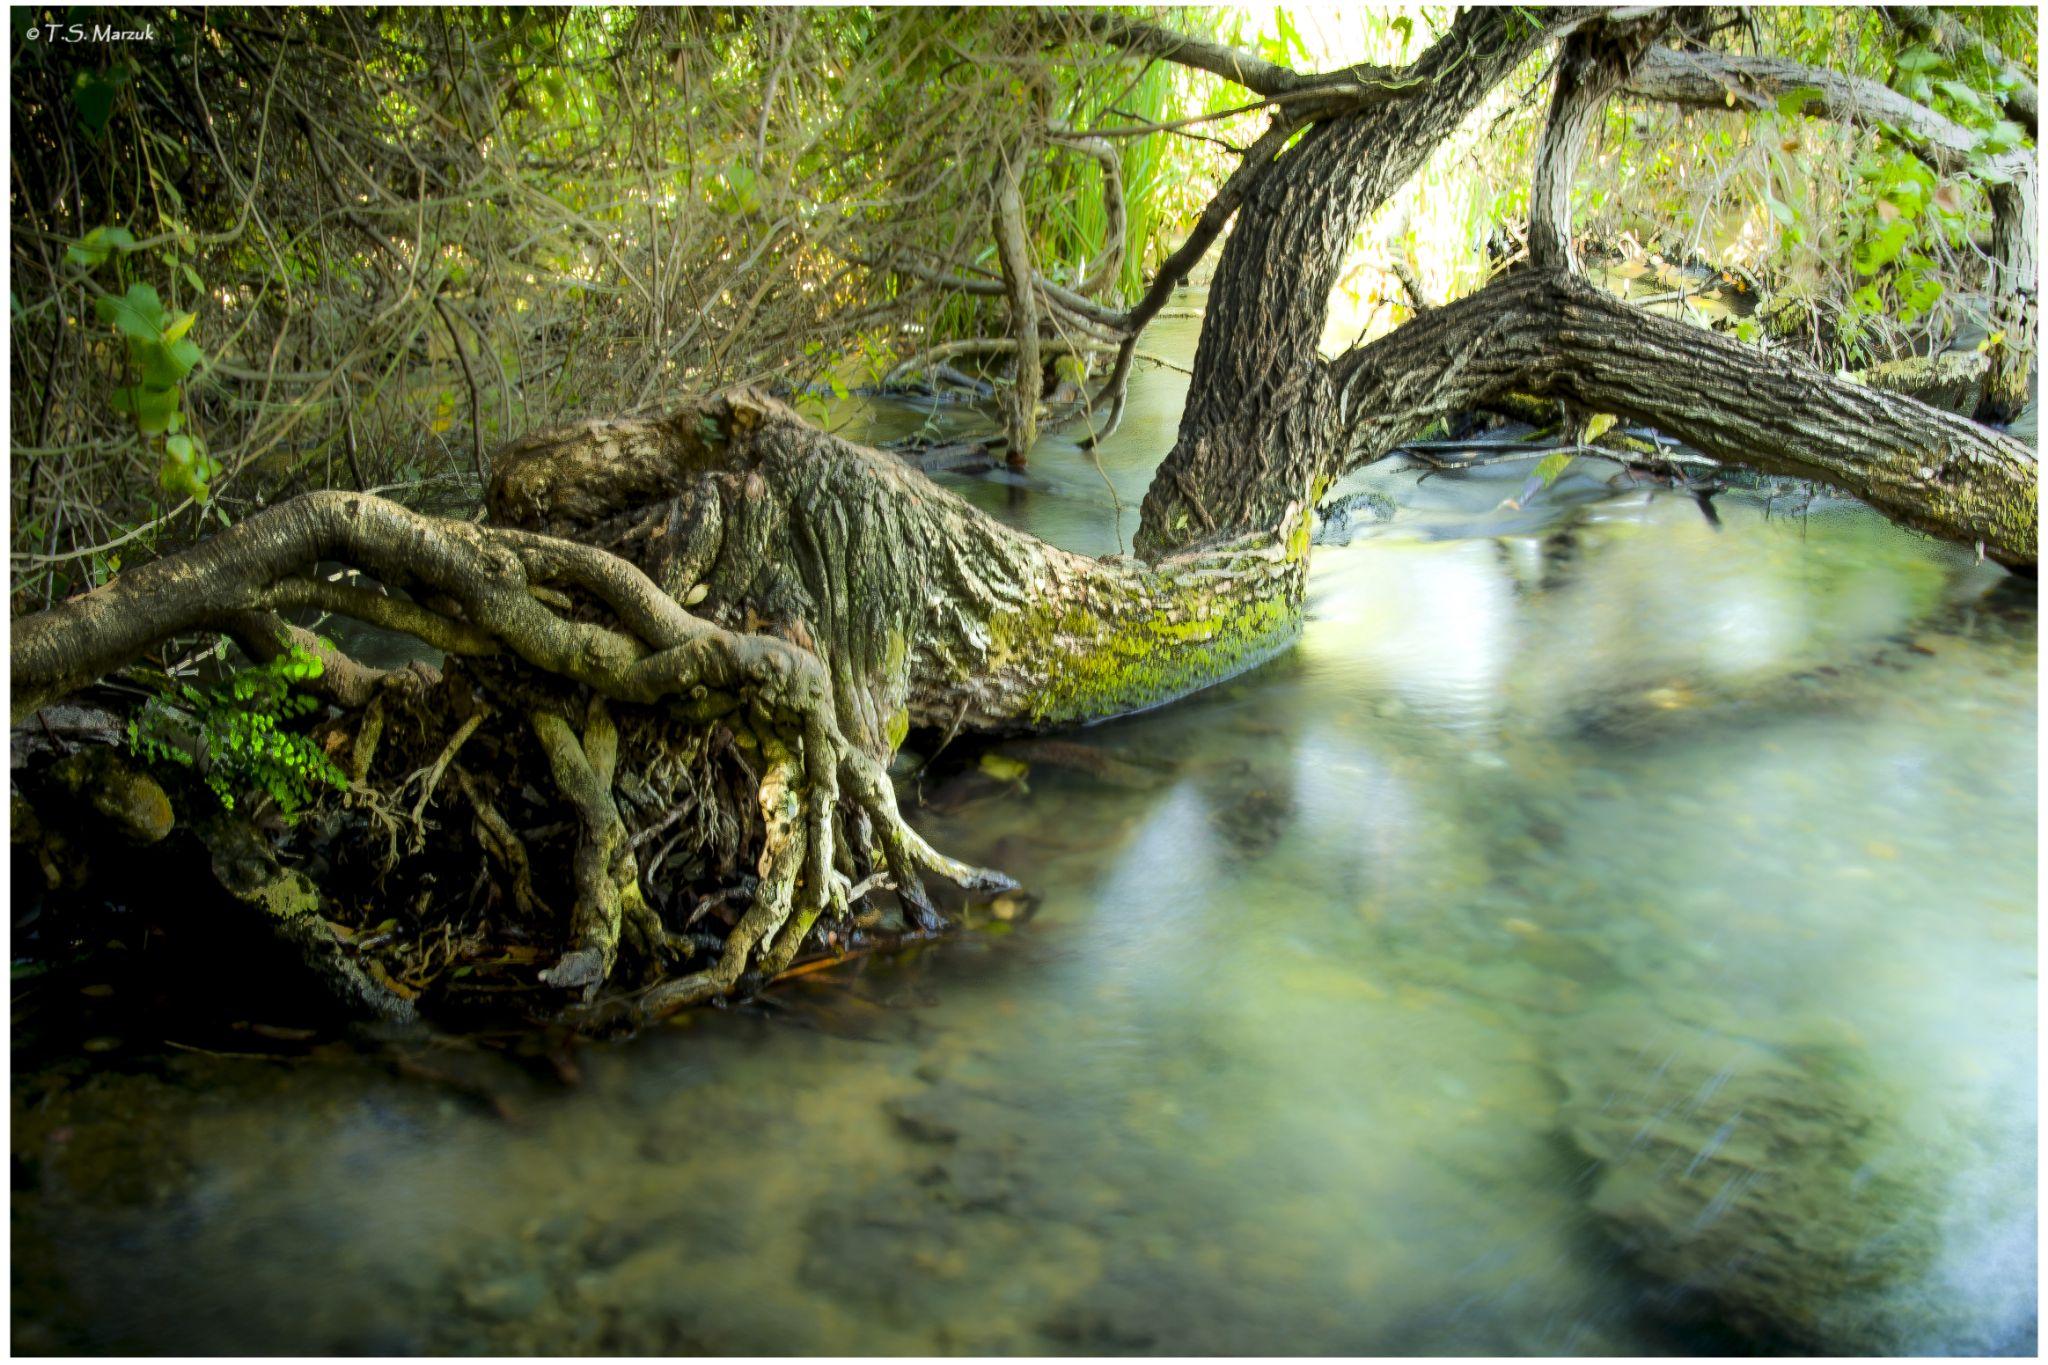 The Lagun by Tal-Shahar Marzuk